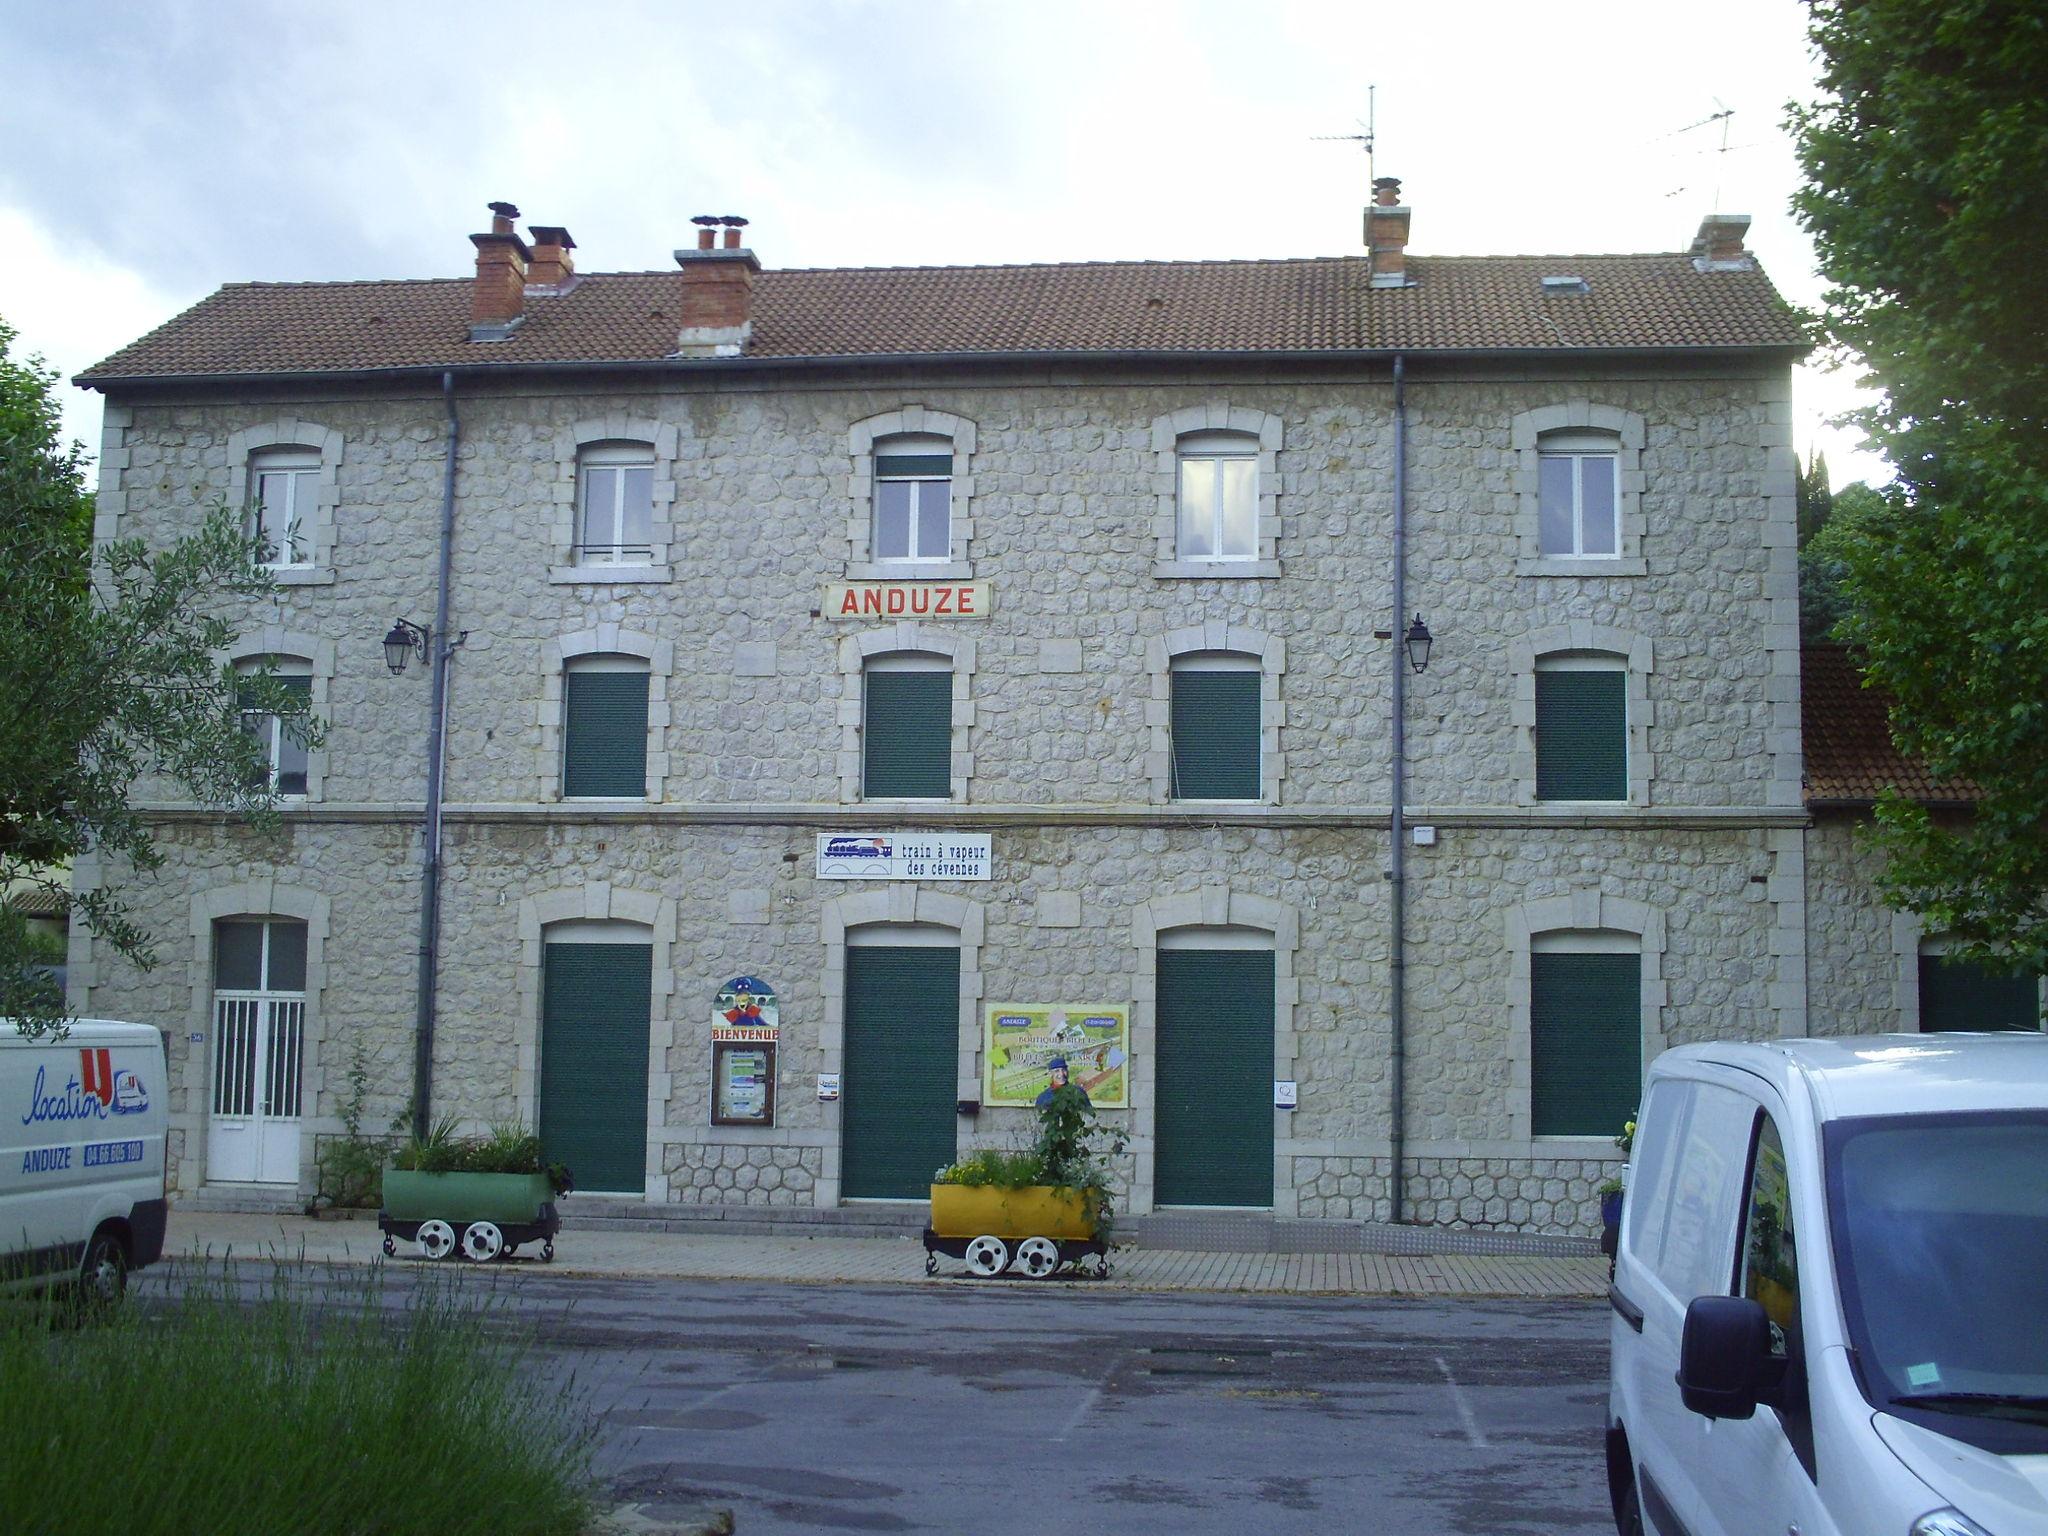 Anduze (Gard)